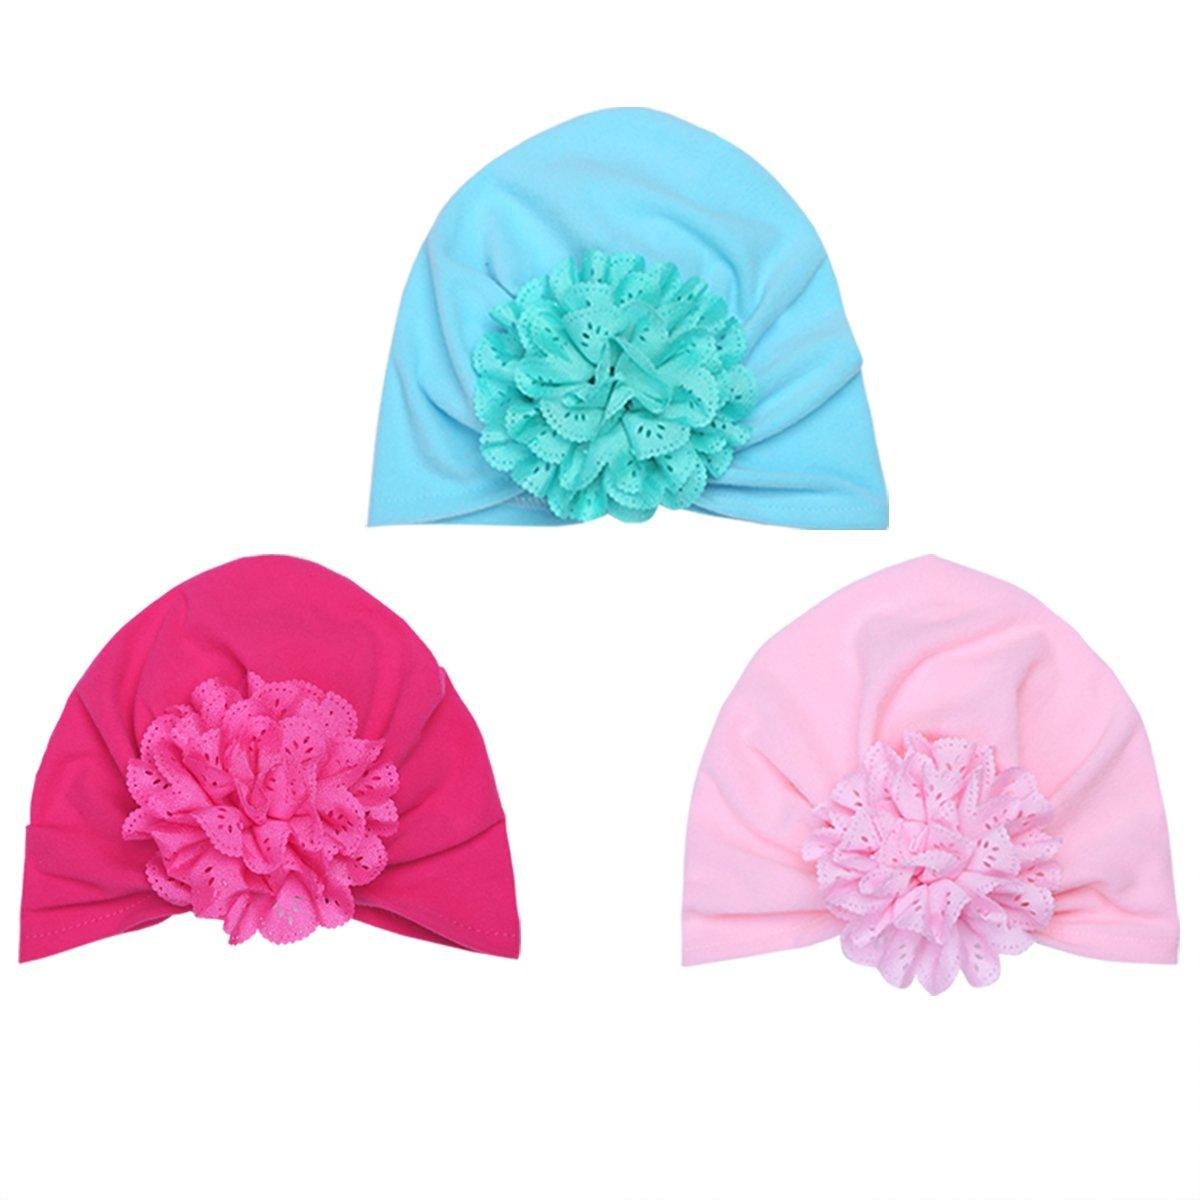 YiZYiF Lot de 3 Bébé Bonnets Nouveau né Coton Crochet Papillons Chapeau Unisexe Bébé Garçon Fille Naissance Tricot Hat Cap Noël Cosplay 0-6 Mois